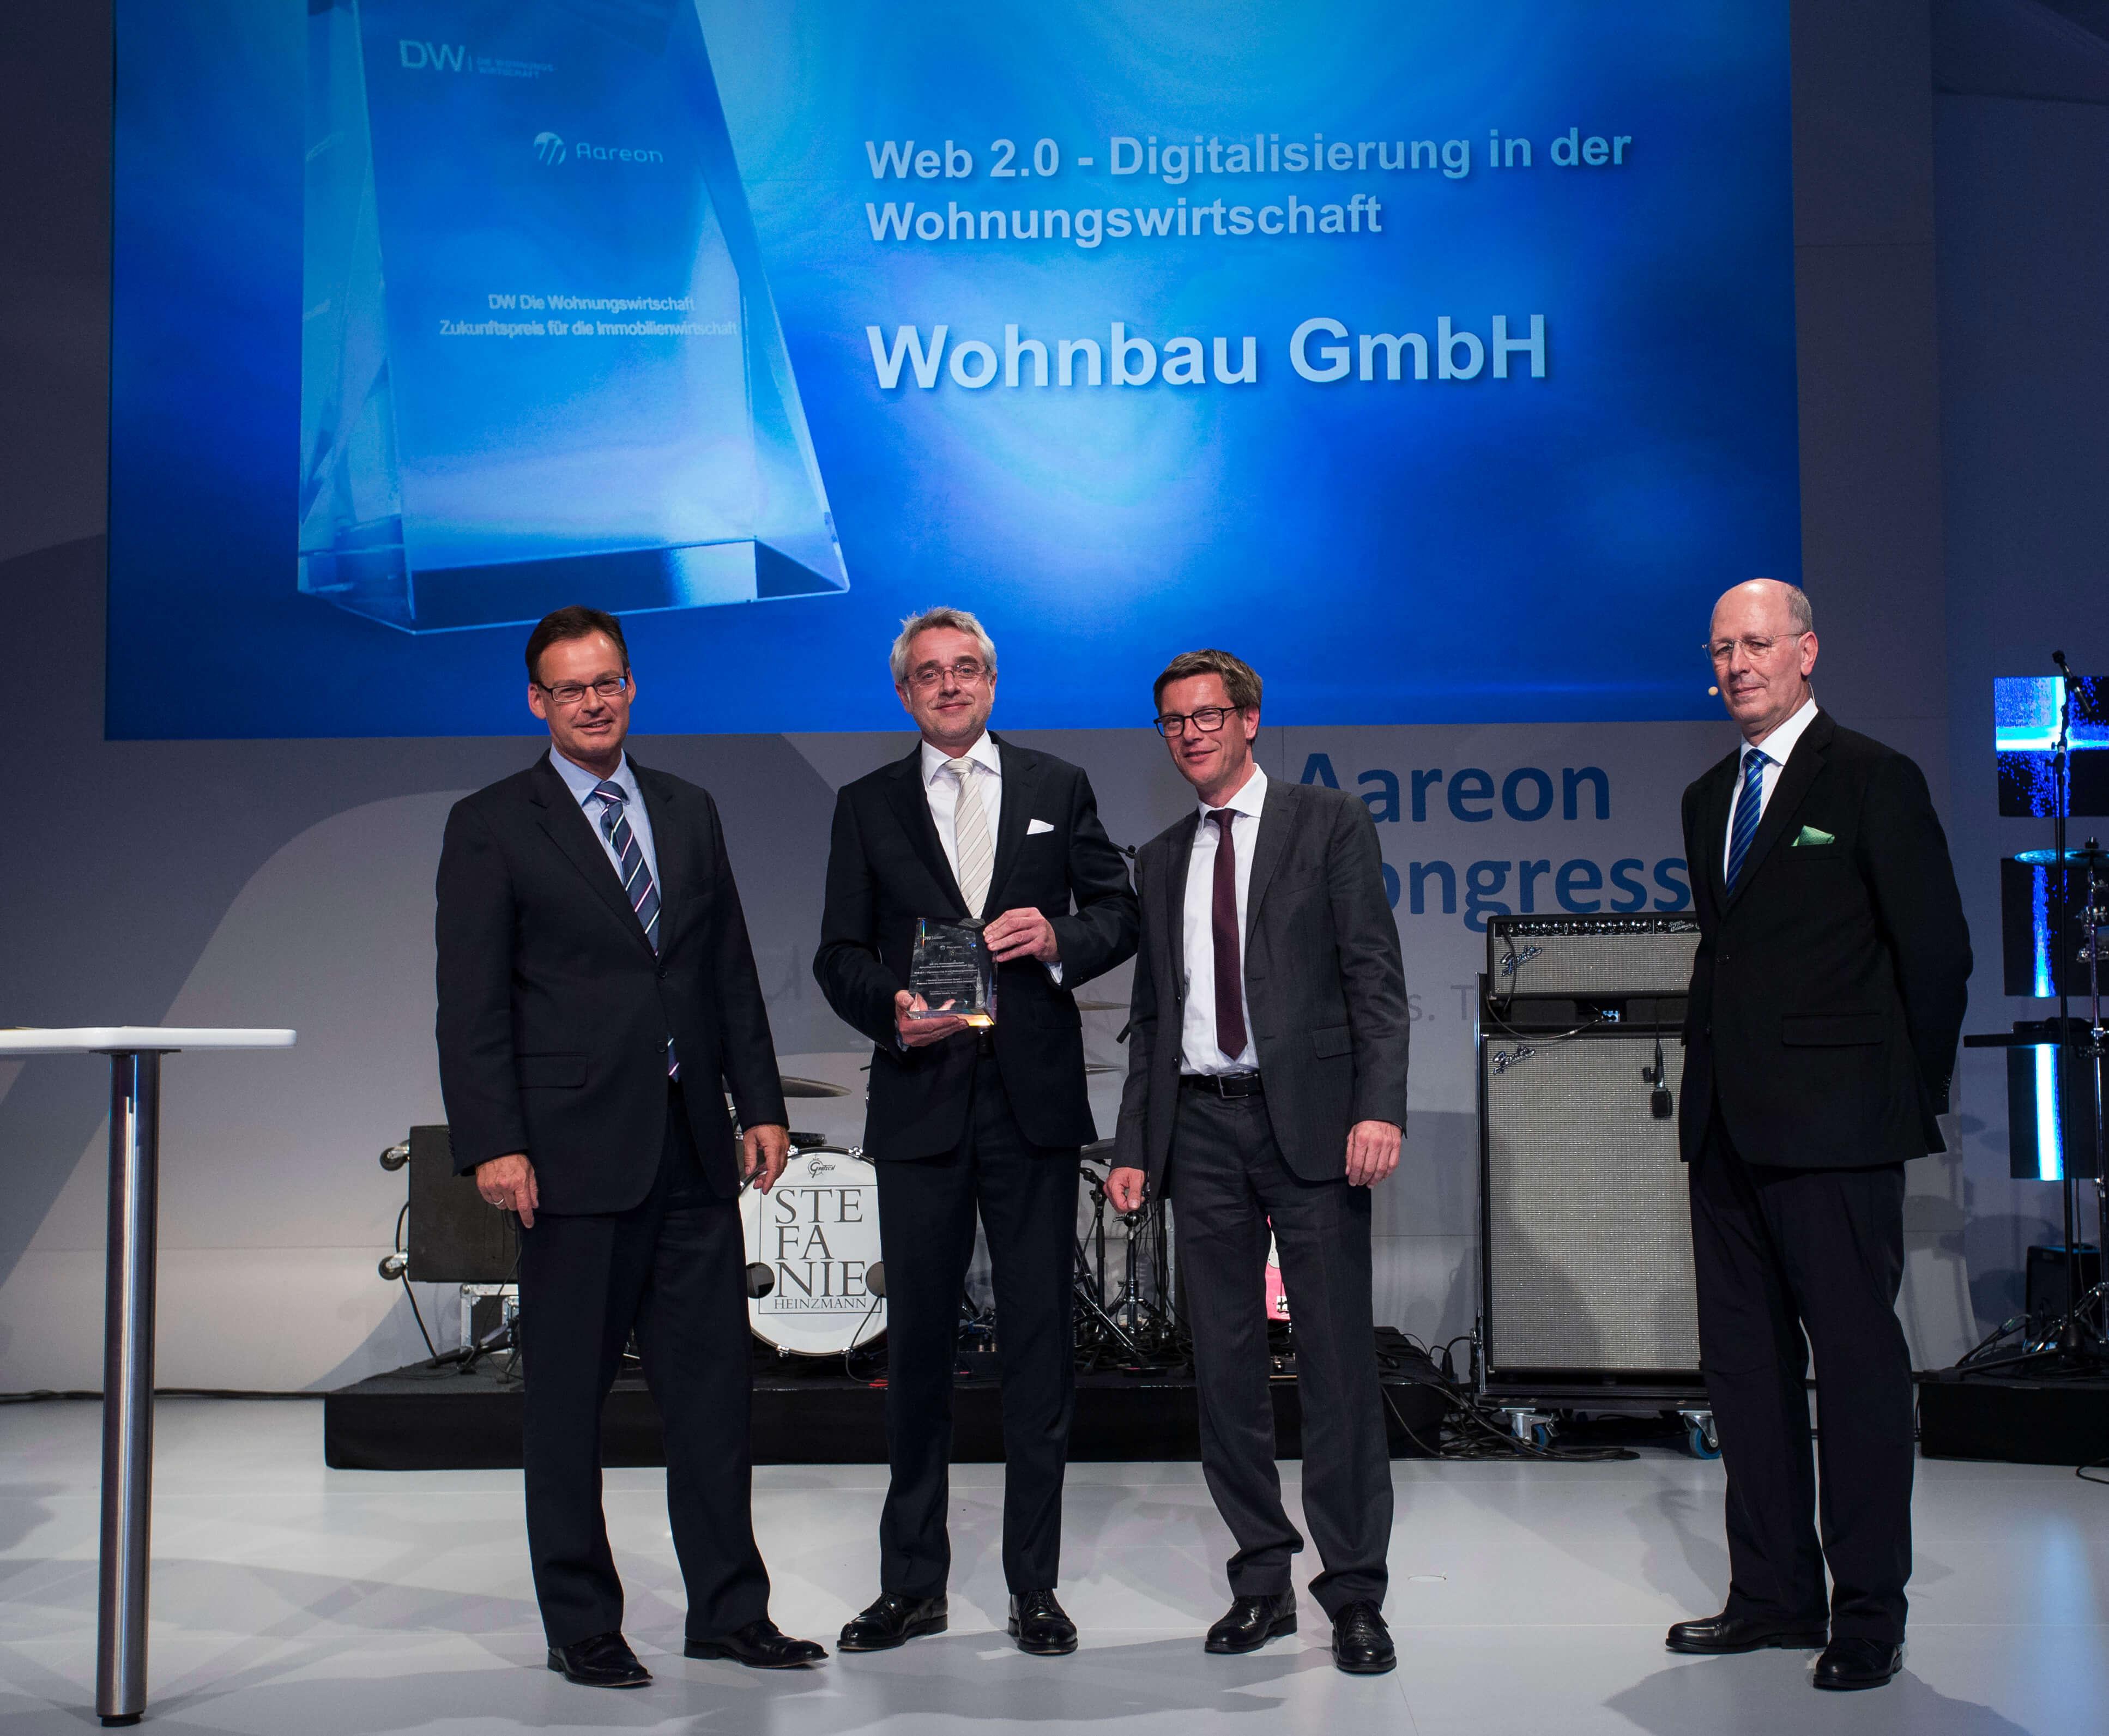 Gewinnerbild: Wohnbau GmbH